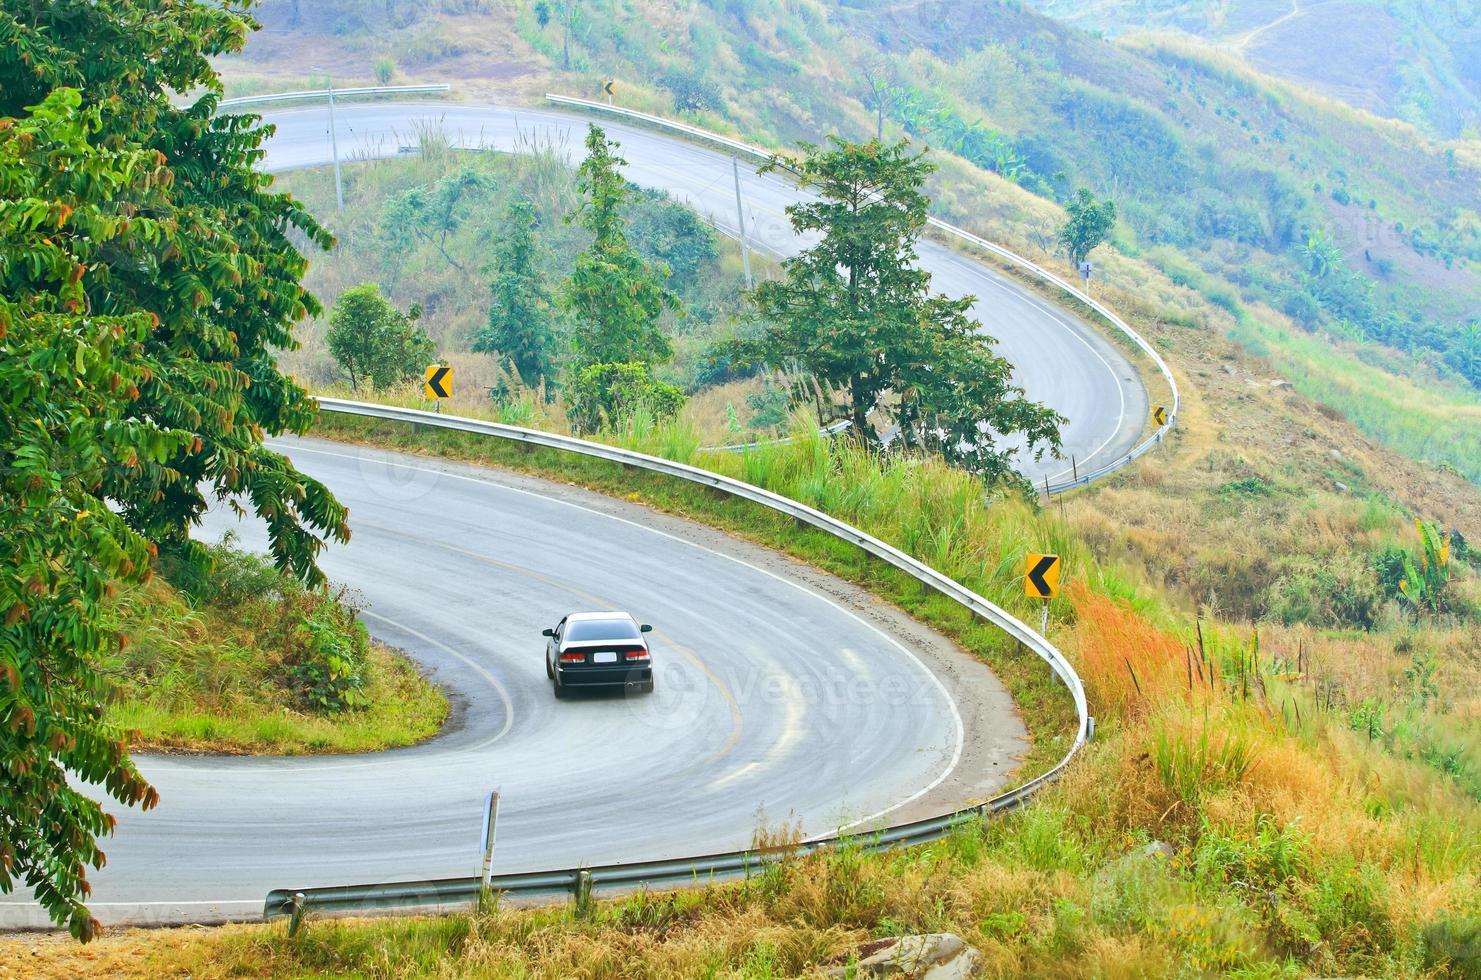 vehículo en carretera foto